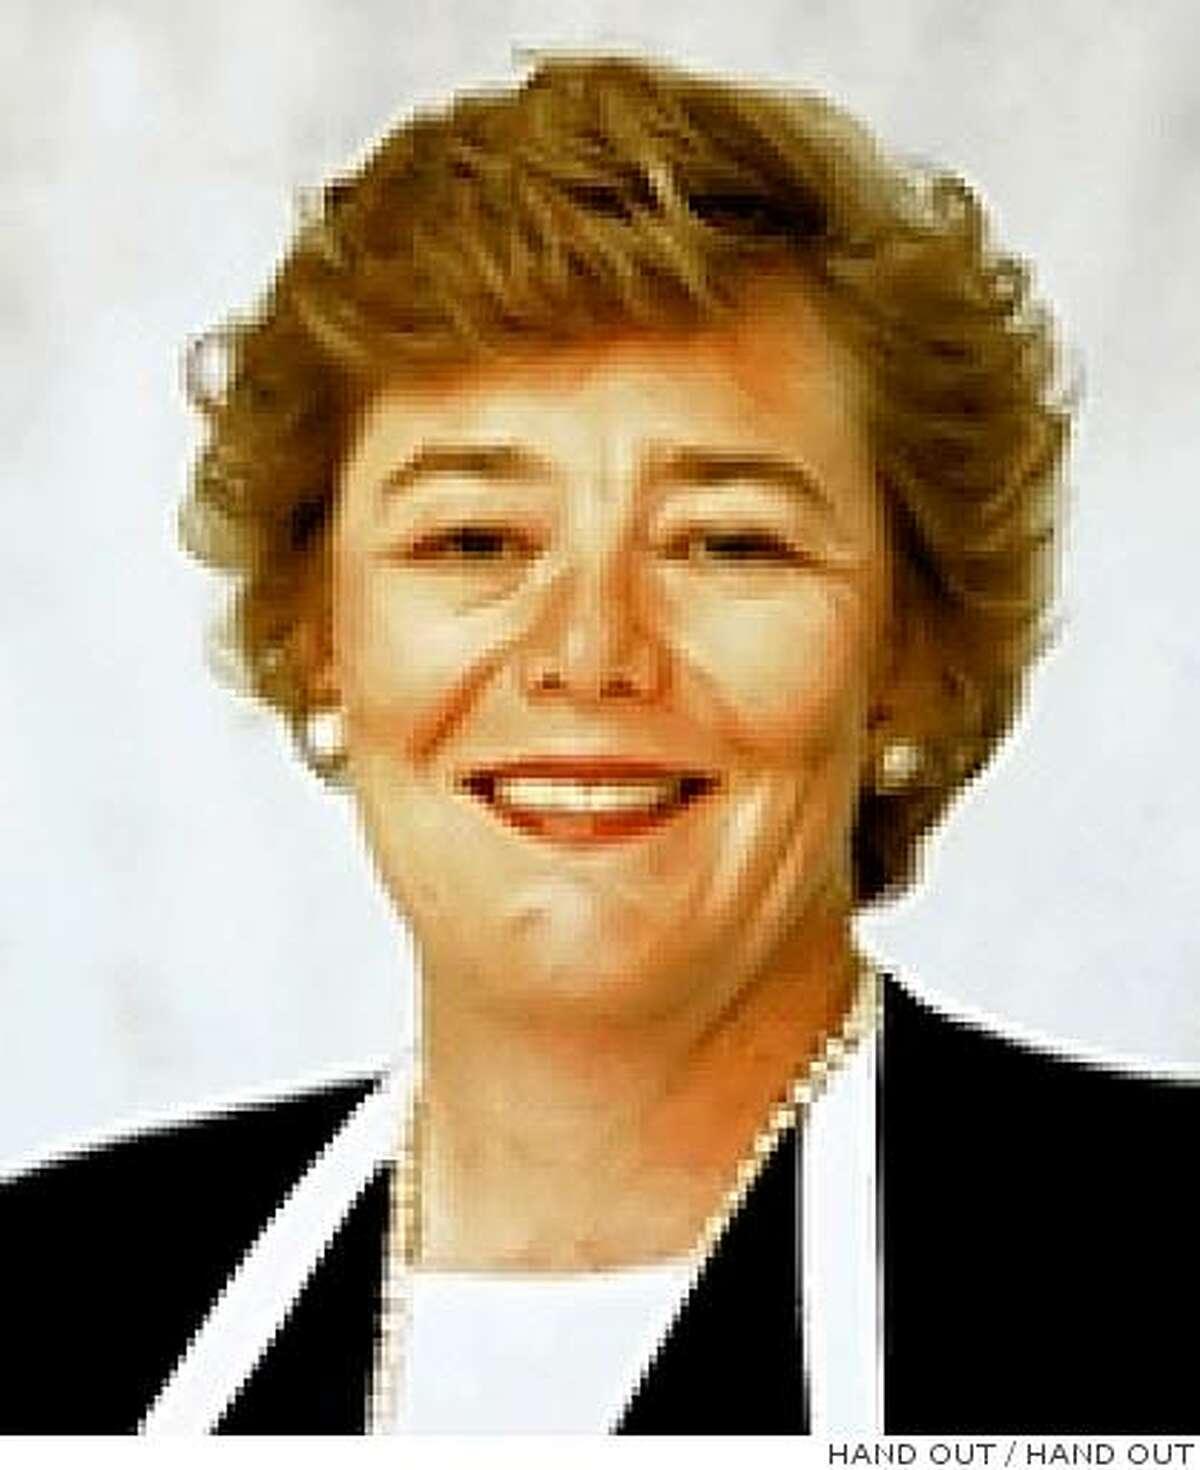 Rep. Zoe Lofgren